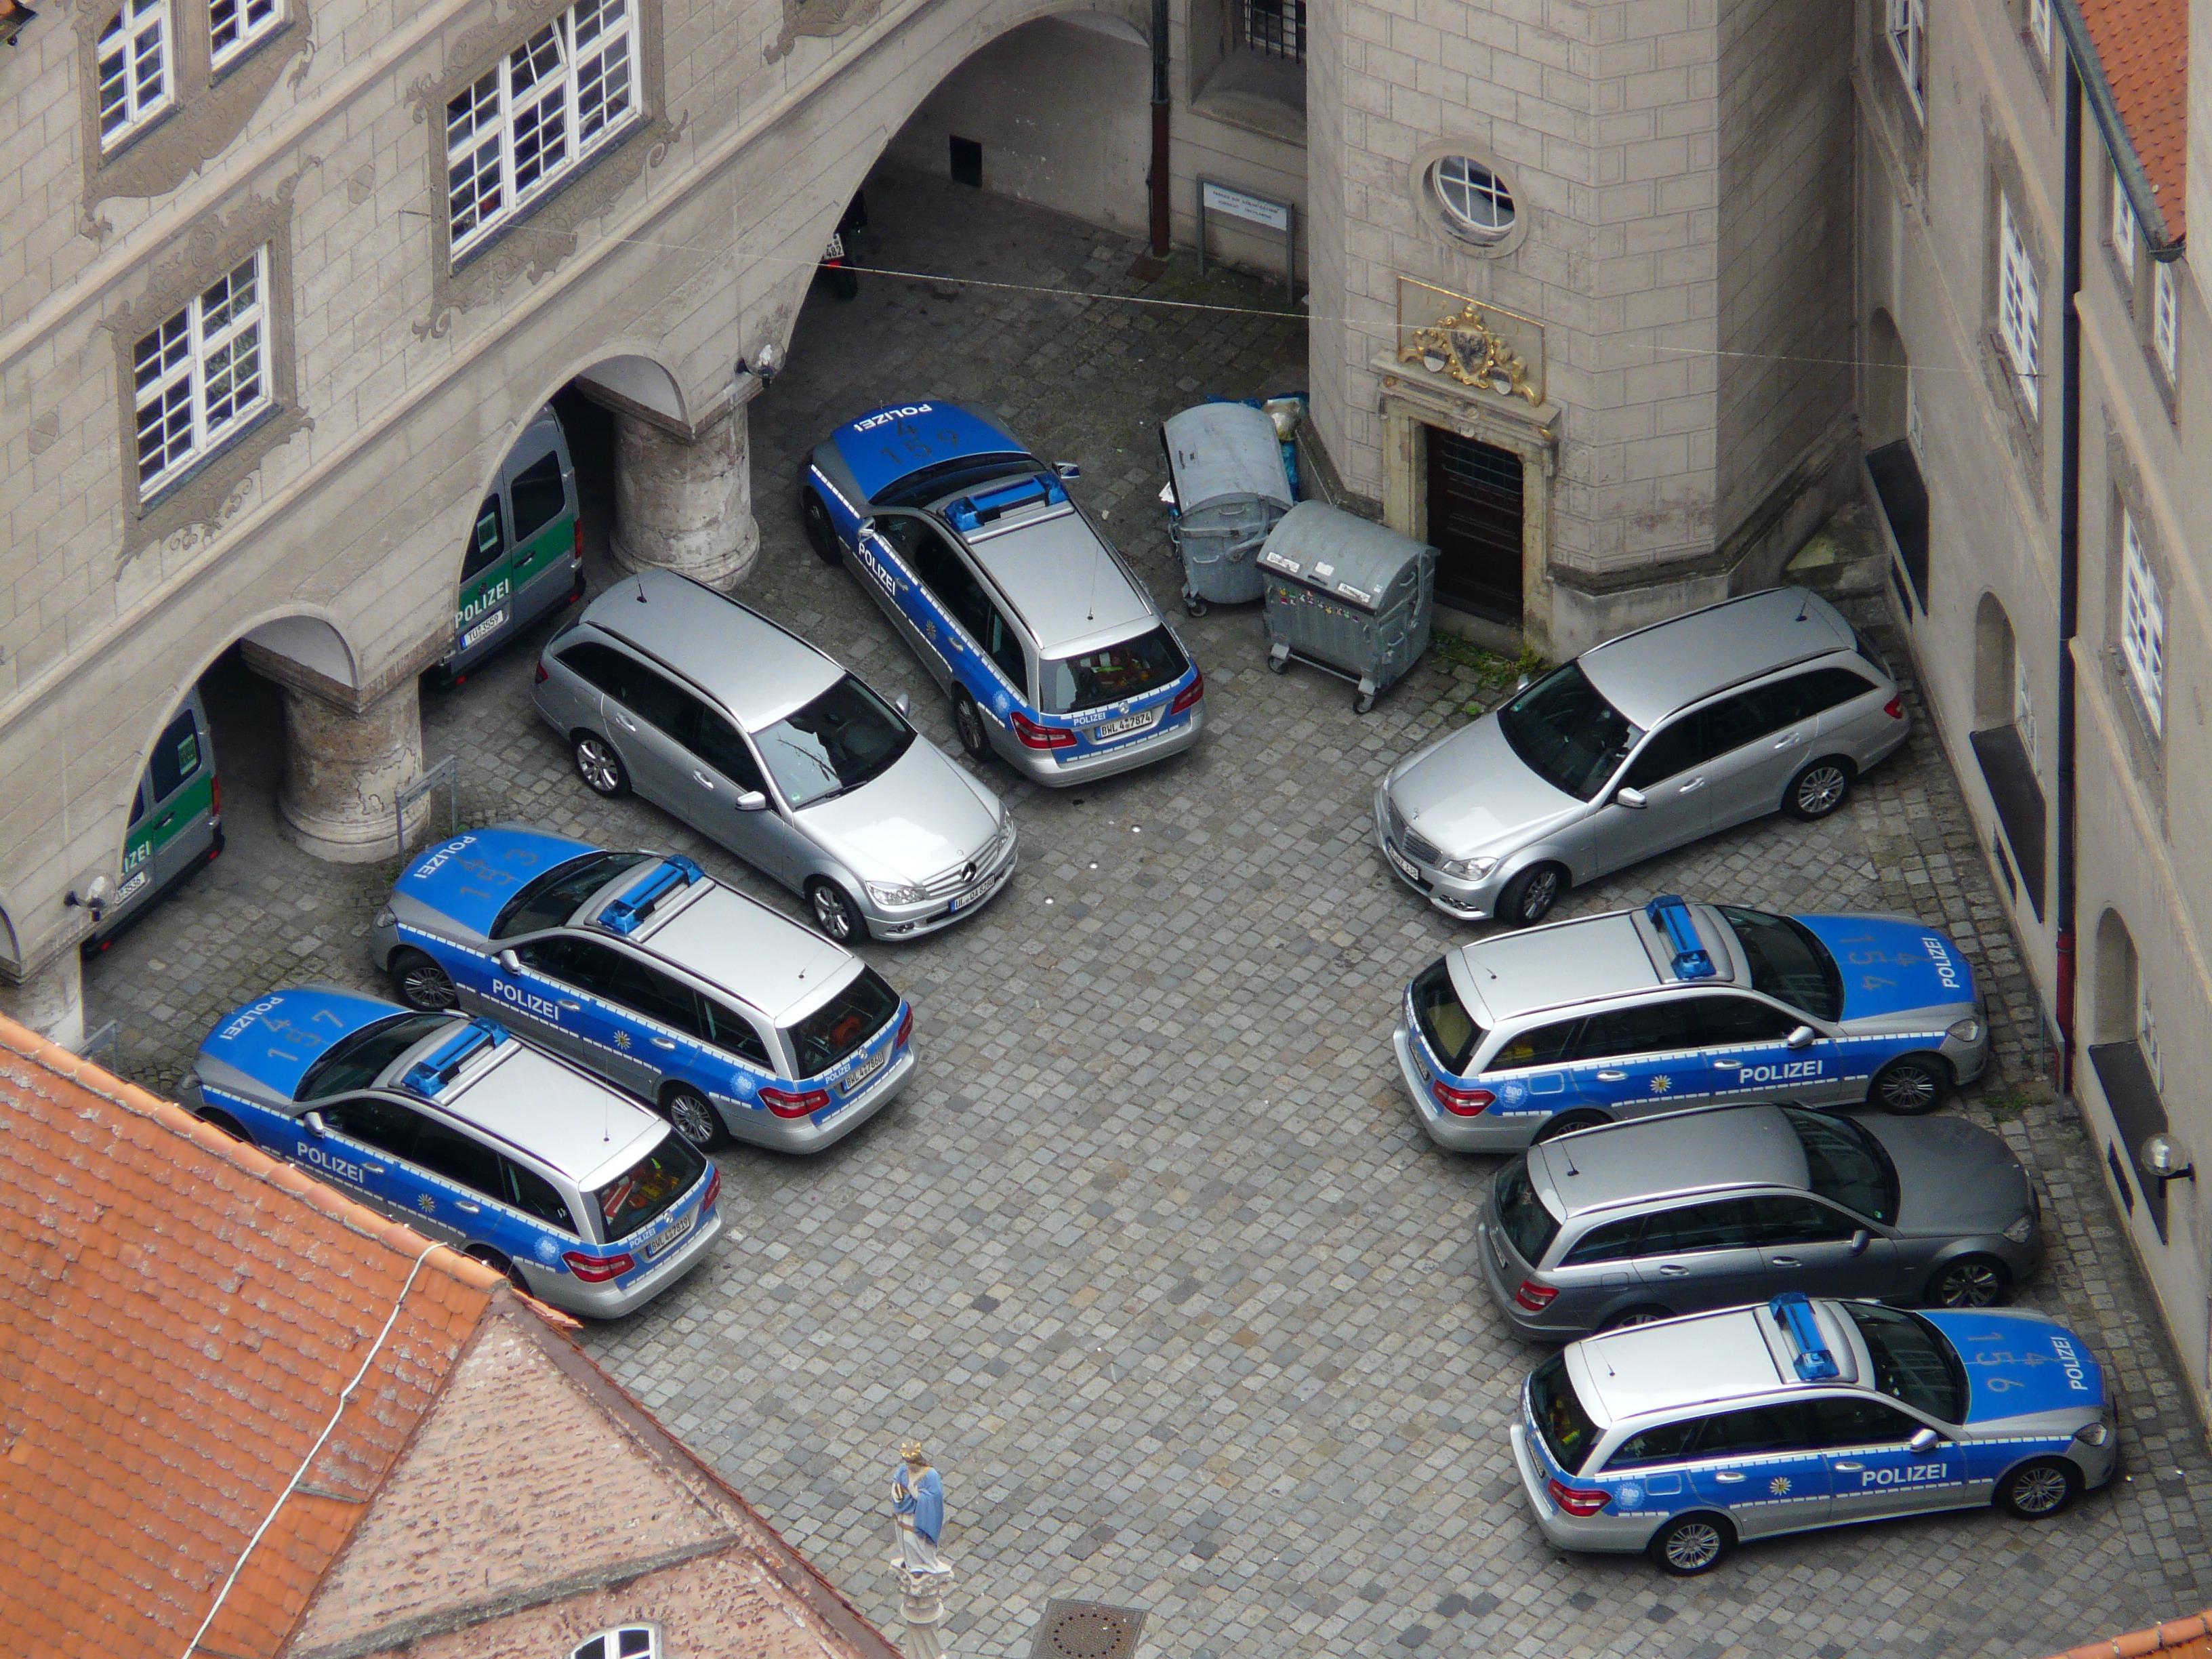 hình ảnh : xe hơi, bãi đỗ xe, vận chuyển, màu xanh da trời, nhìn từ trên không, bãi đậu xe, phương tiện giao thông công cộng, Bội, bạc, cảnh sát, ...